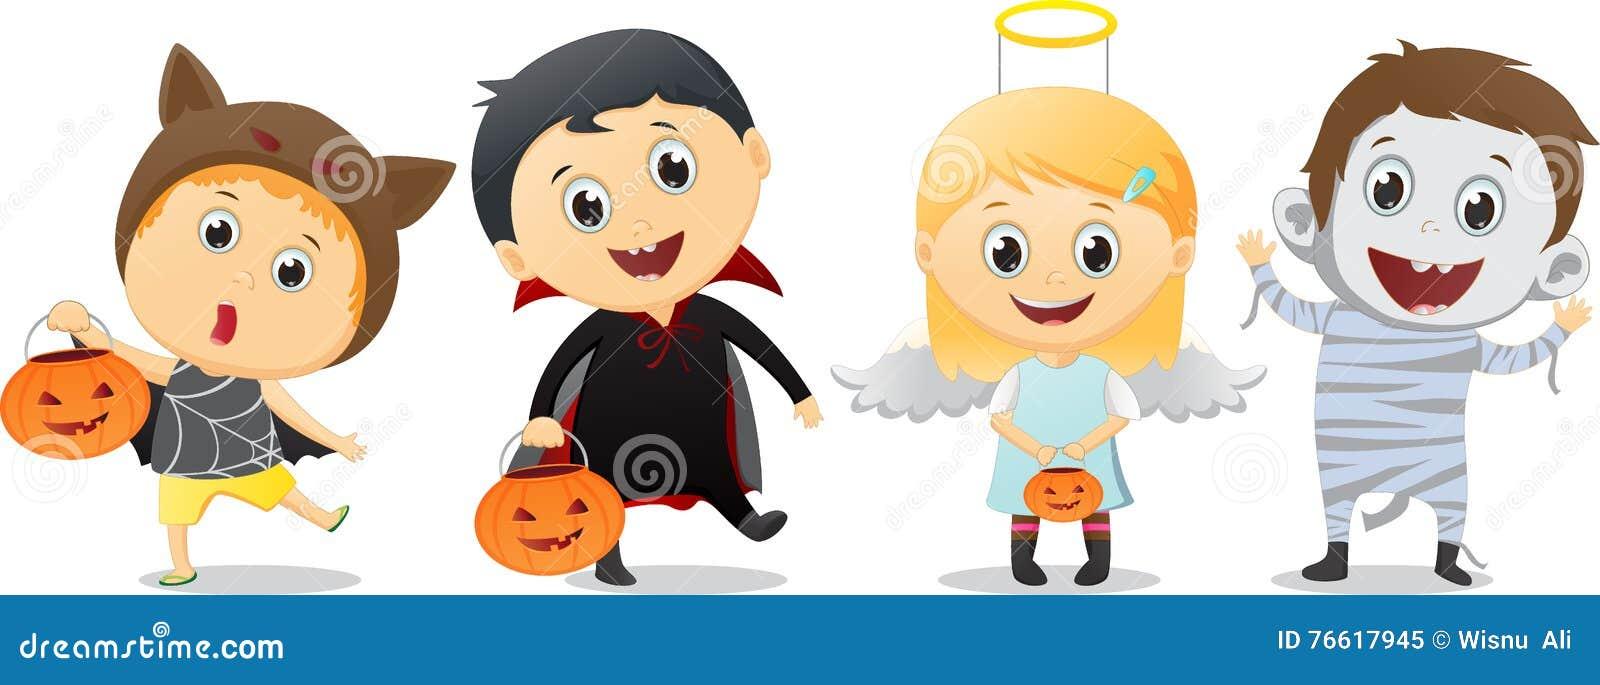 Los niños felices en Halloween van de fiesta truco o tratar